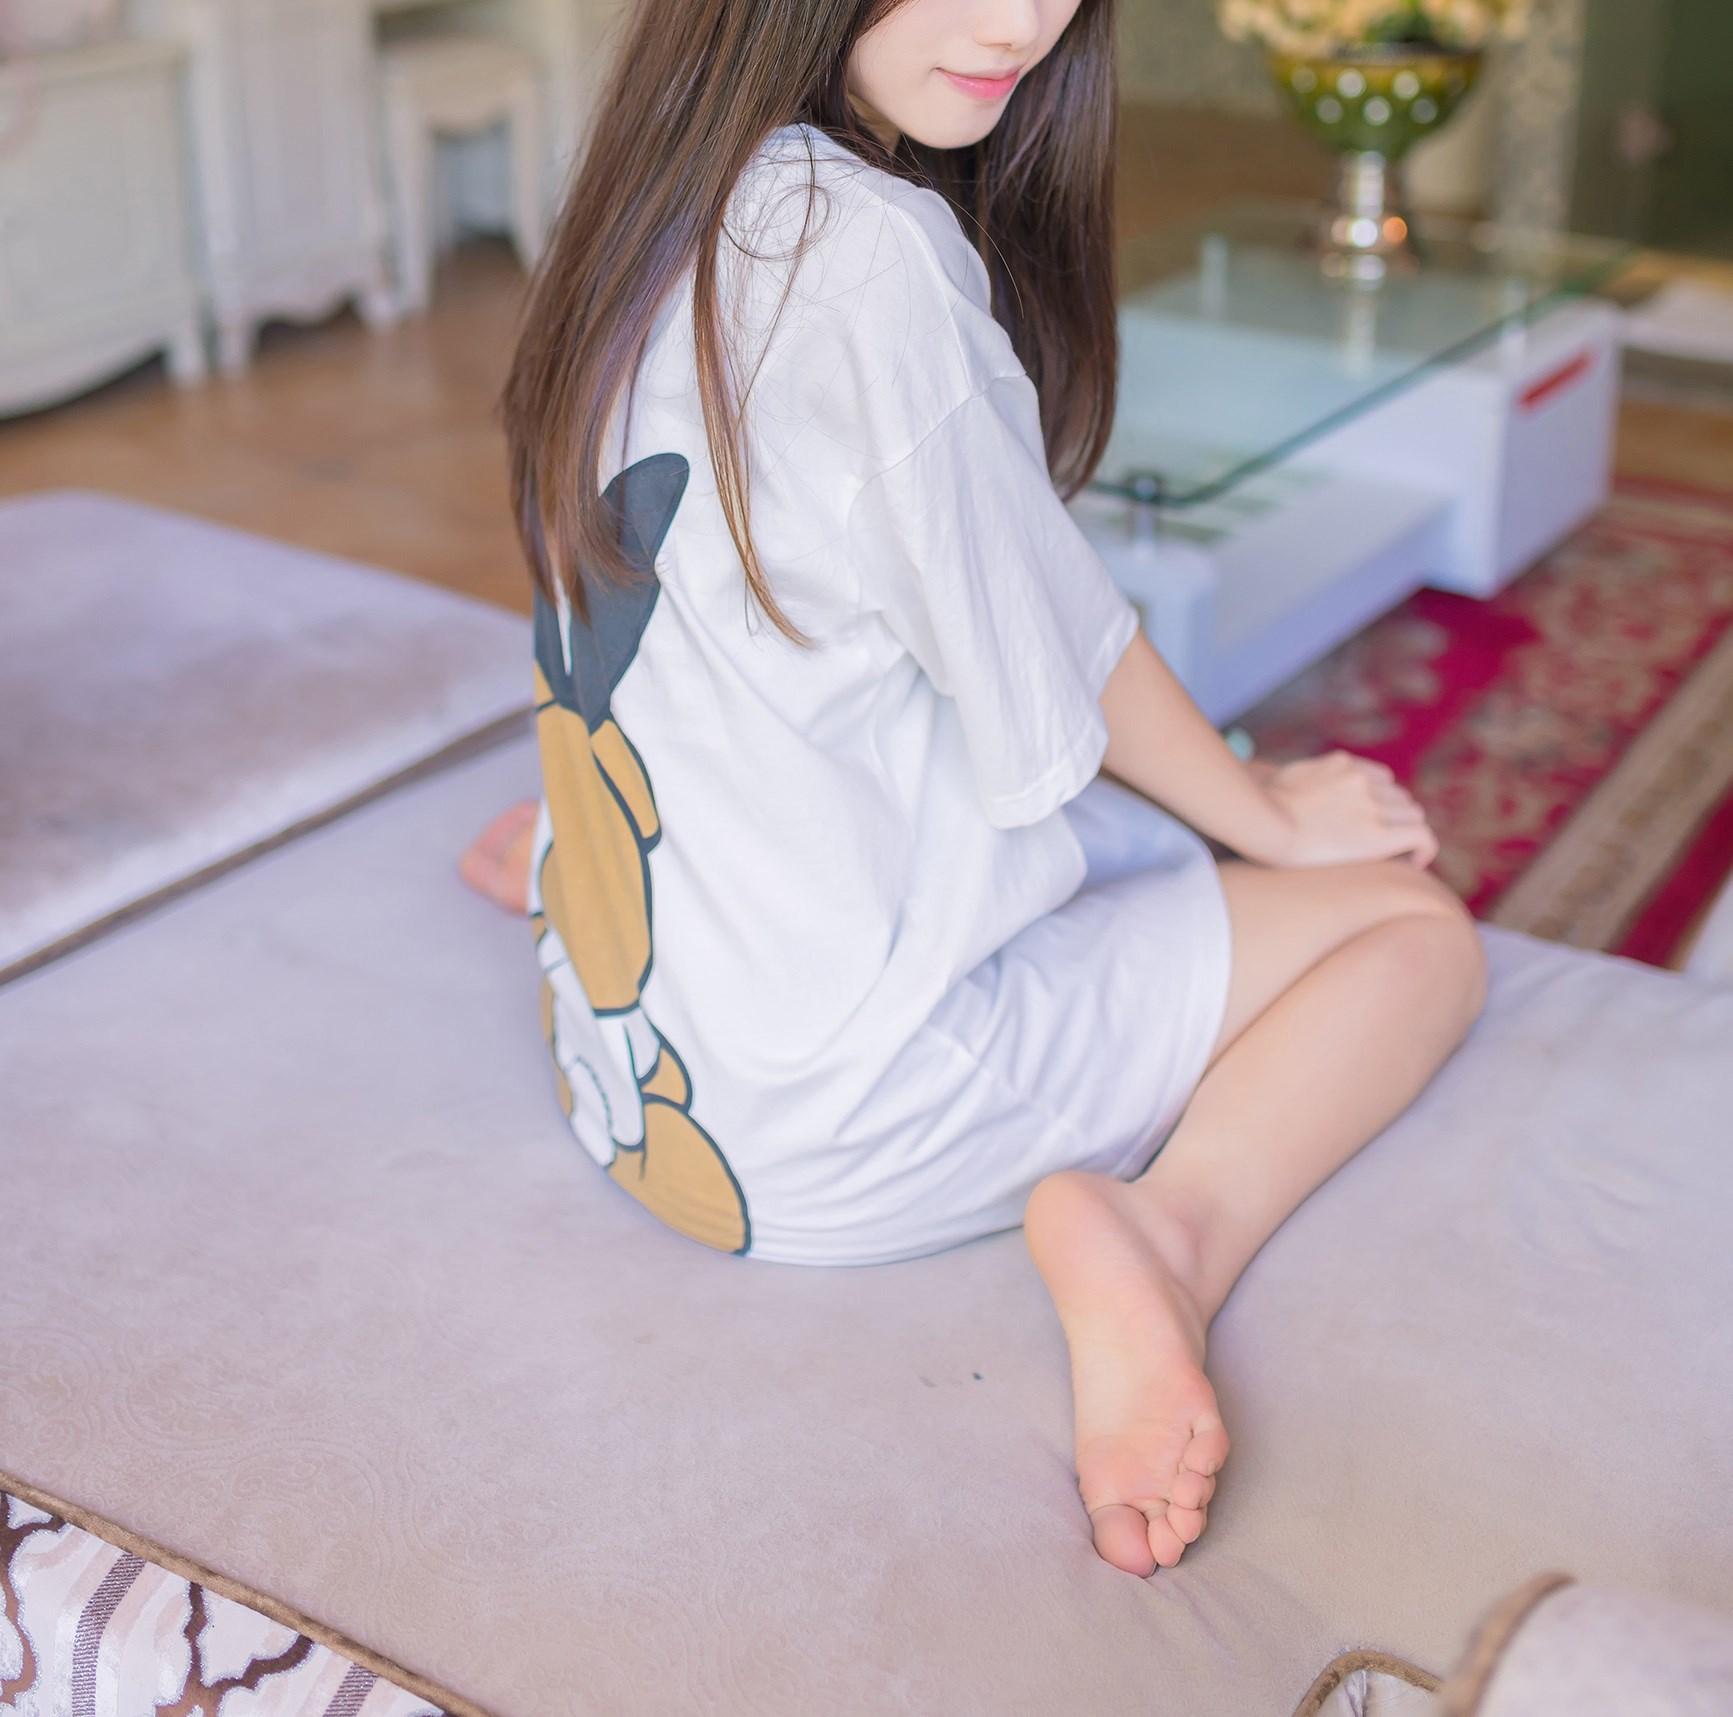 【兔玩映画】小熊睡衣 兔玩映画 第13张